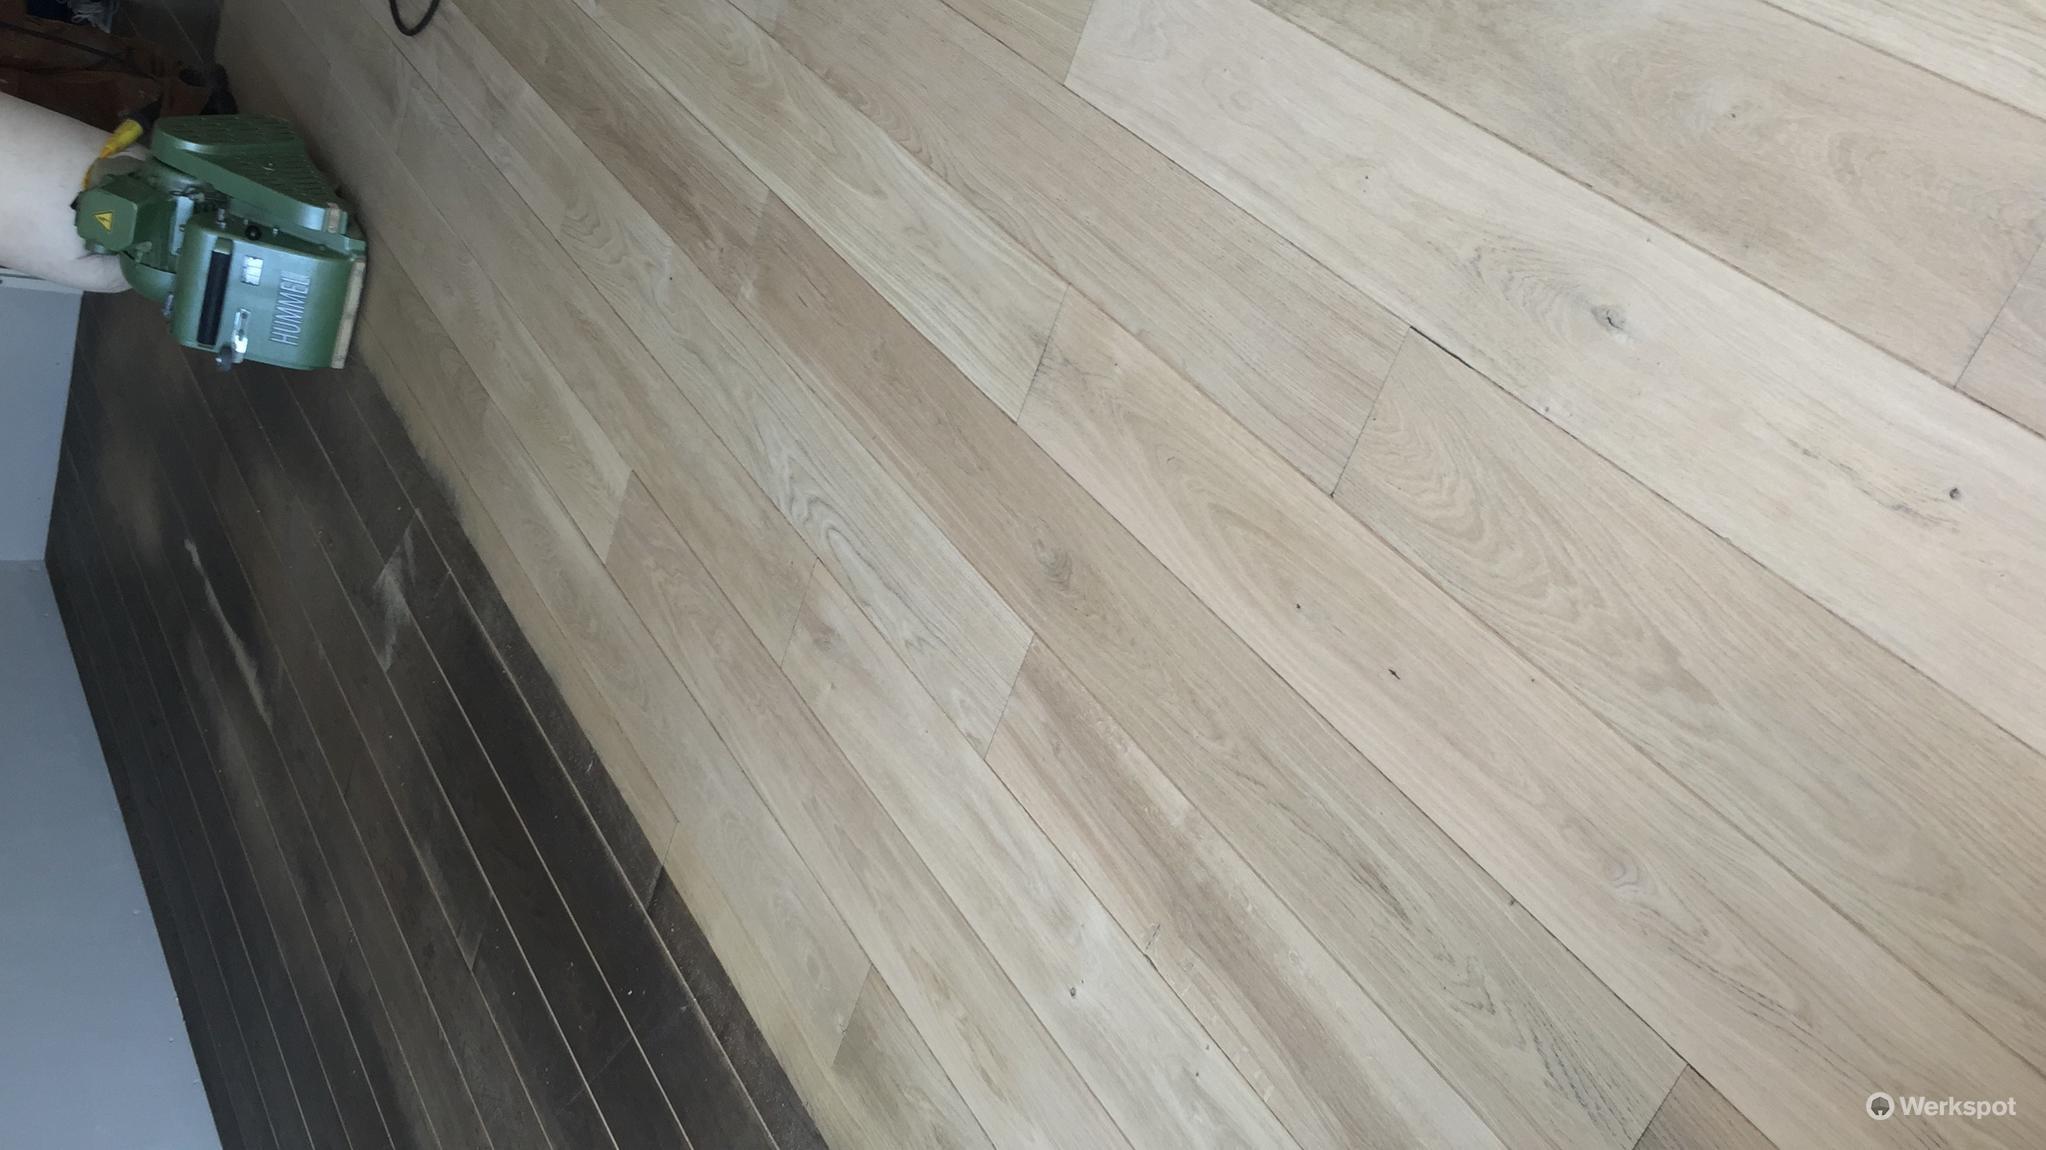 30m2 eikenhouten vloer schuren en oli n of lakken werkspot for Tafel schuren en olien